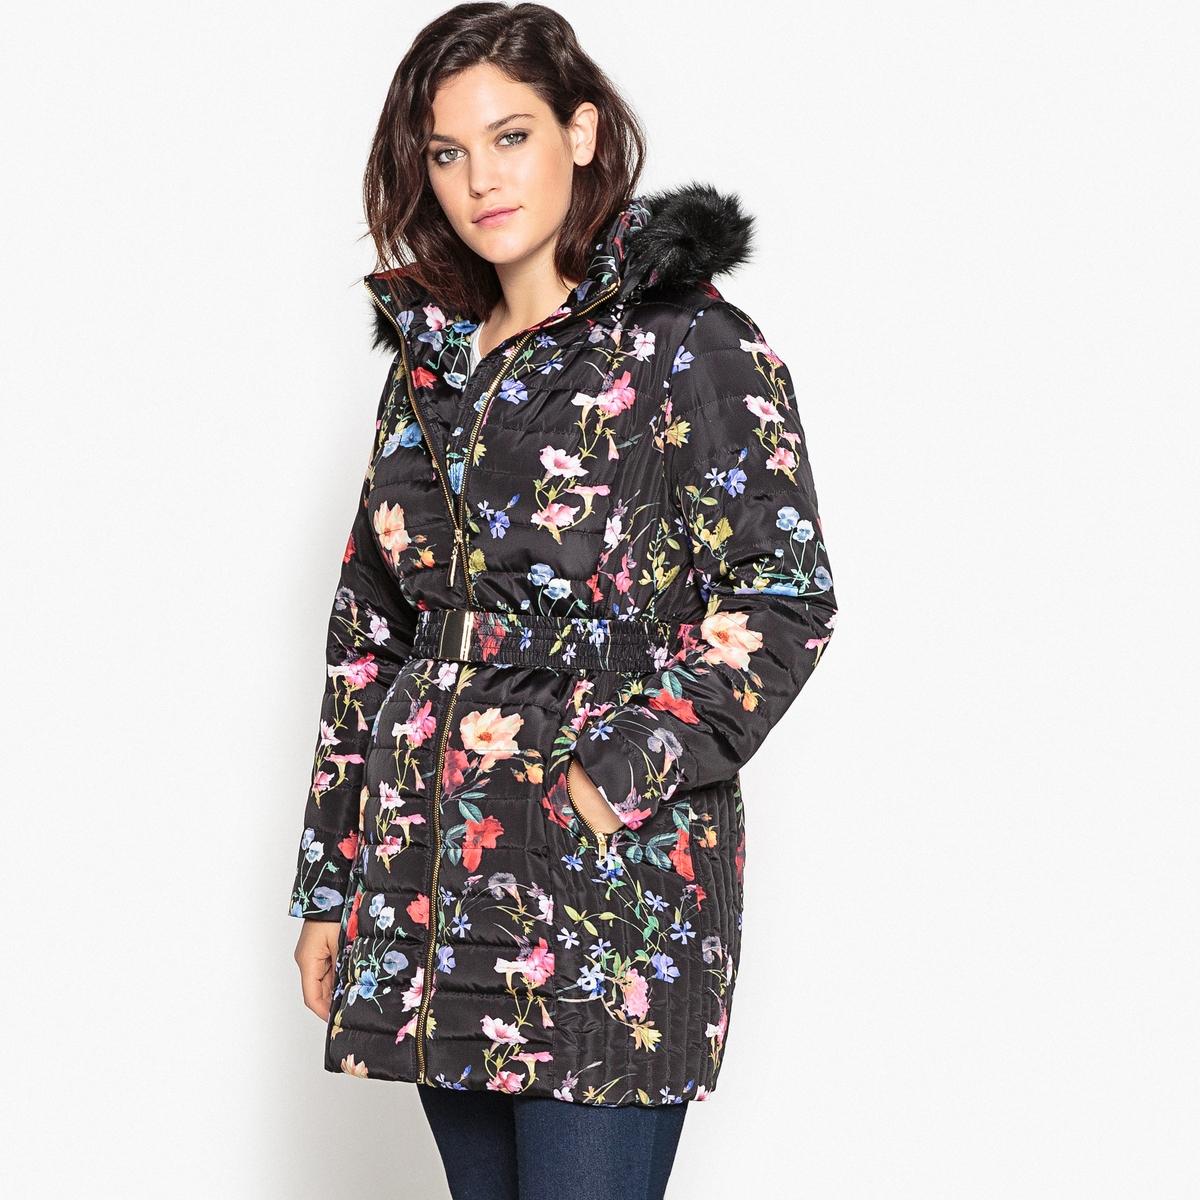 Куртка с капюшоном и цветочным рисункомОписание:Очень модная куртка с цветочным рисунком. Длинная куртка с цветочным рисунком и поясом обеспечит надежную защиту.Детали•  Длина : удлиненная модель •  Воротник-стойка •  Рисунок-принт •  Застежка на молнию •  С капюшоном Состав и уход •  100% полиэстер •  Подкладка : 100% полиэстер • Не стирать •  Не гладить/ не отбеливать •  Не использовать барабанную сушку  •  Деликатная сухая чисткаТовар из коллекции больших размеров •  Модный цветочный рисунок. •  Съемный капюшон с опушкой из искусственного меха. •  2 кармана на молниях. •  Длина : 92,8 см<br><br>Цвет: рисунок цветочный/фон черный<br>Размер: 56 (FR) - 62 (RUS)